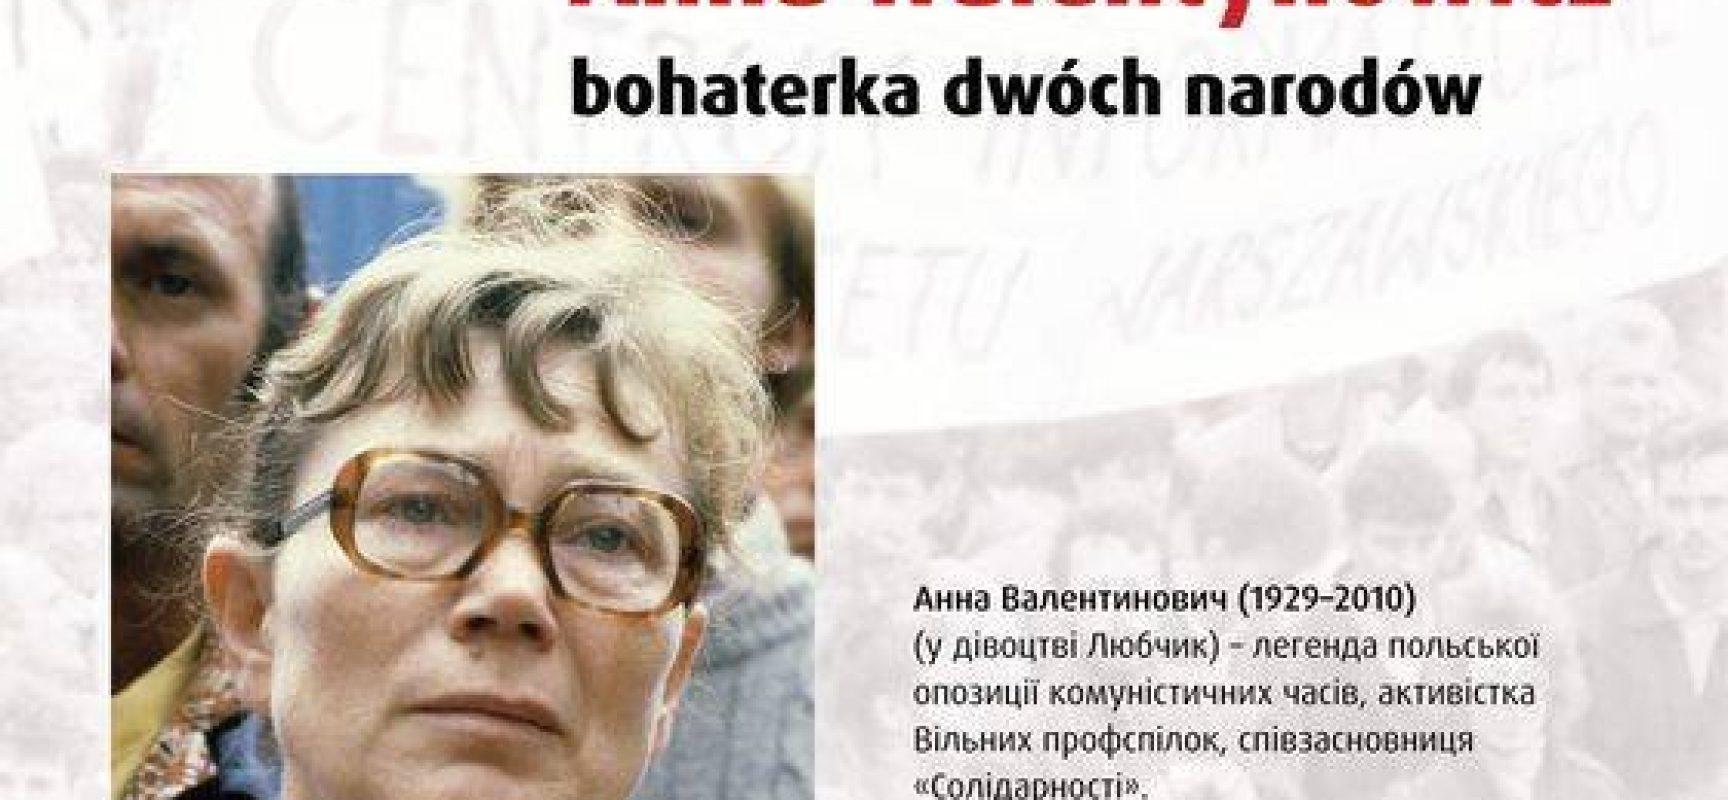 """Legenda polskiej """"Solidarności"""" w sercu Kijowa"""